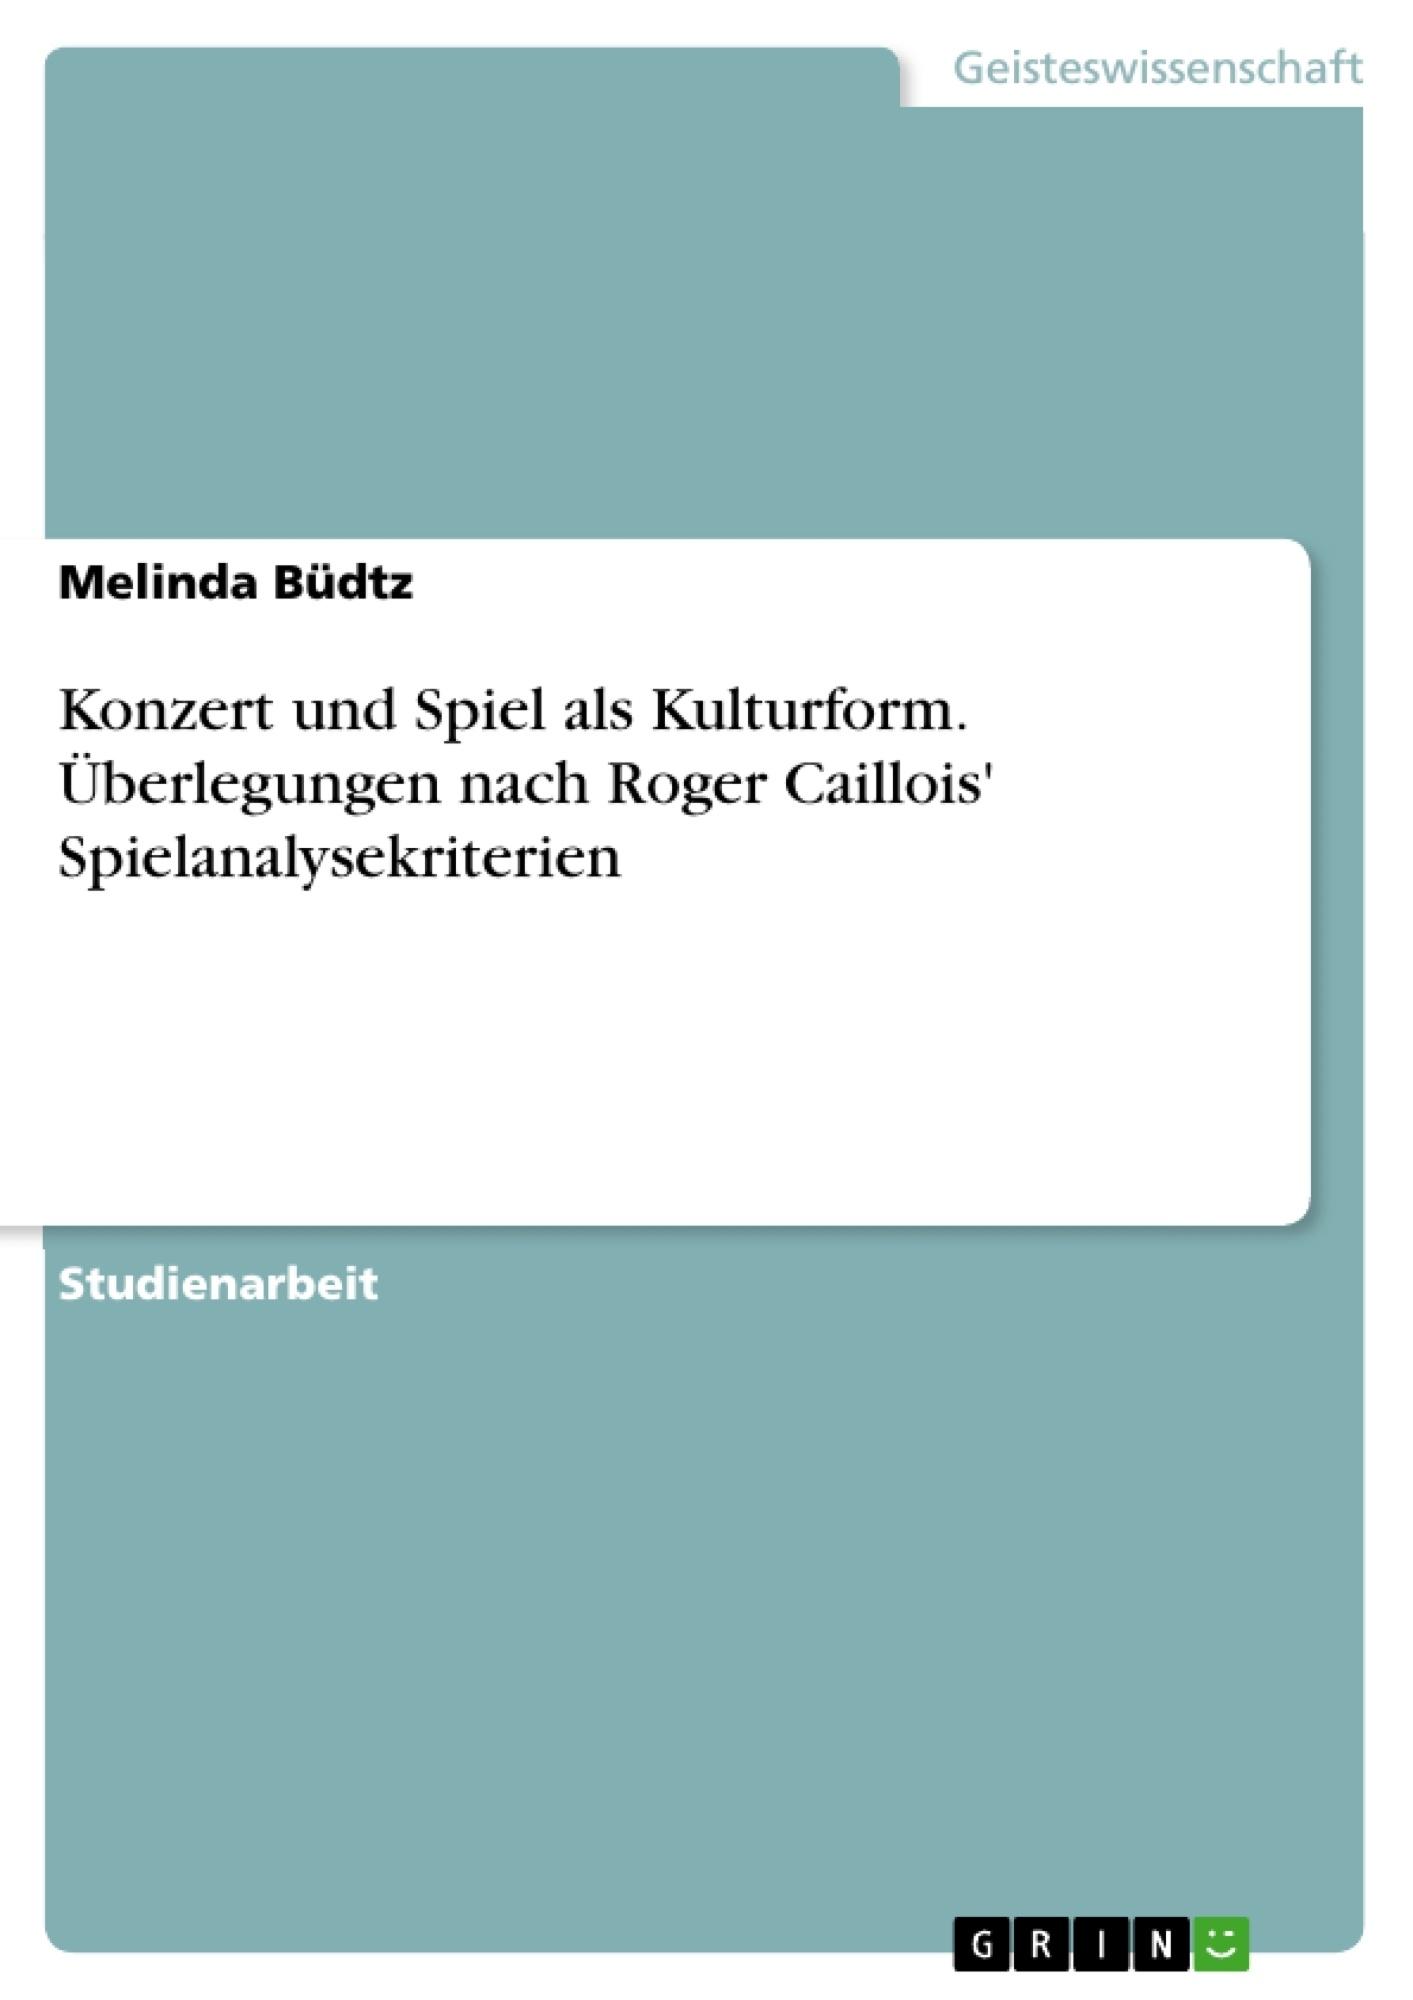 Titel: Konzert und Spiel als Kulturform. Überlegungen nach Roger Caillois' Spielanalysekriterien